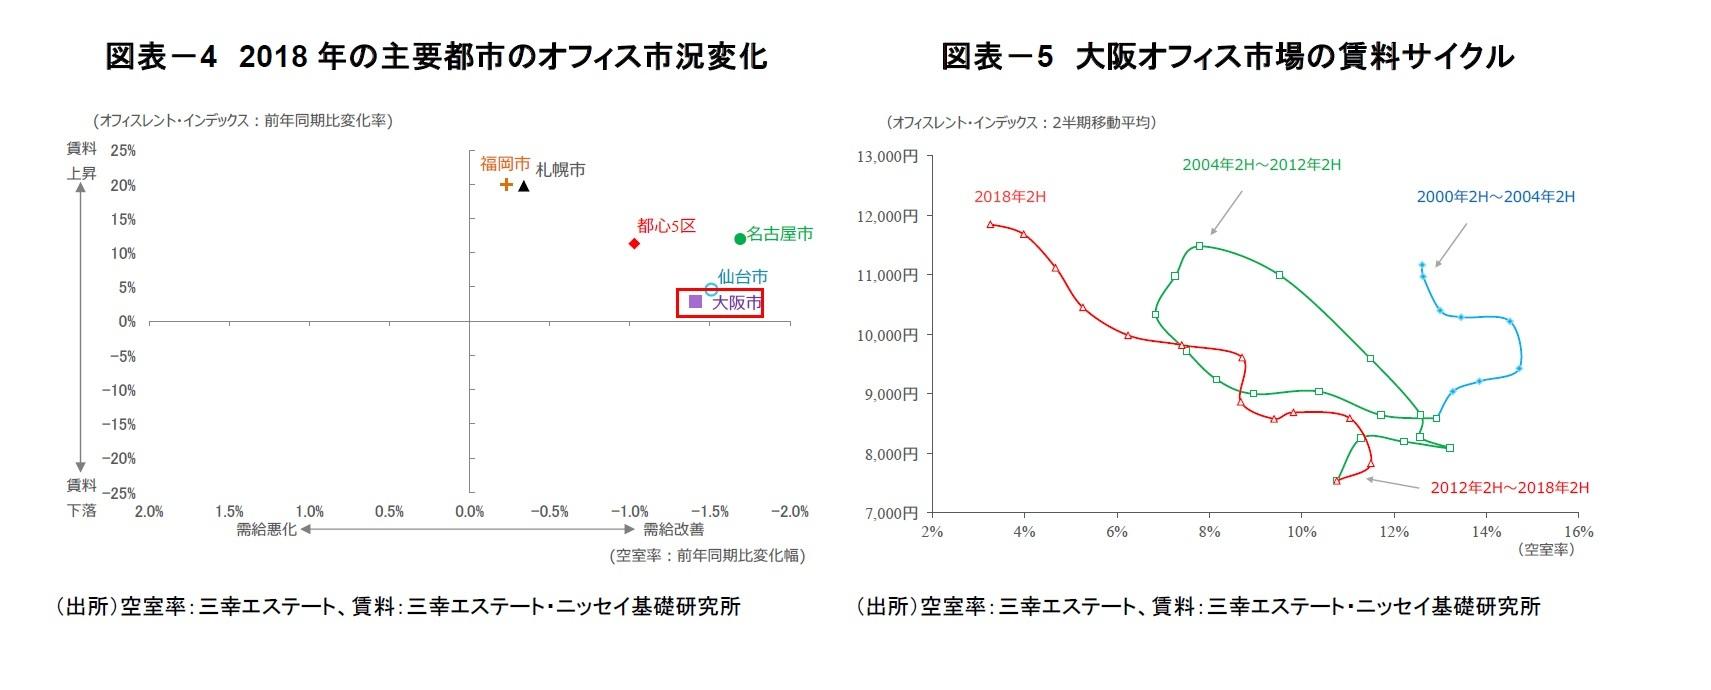 図表-4 2018年の主要都市のオフィス市況変化/図表-5 大阪オフィス市場の賃料サイクル